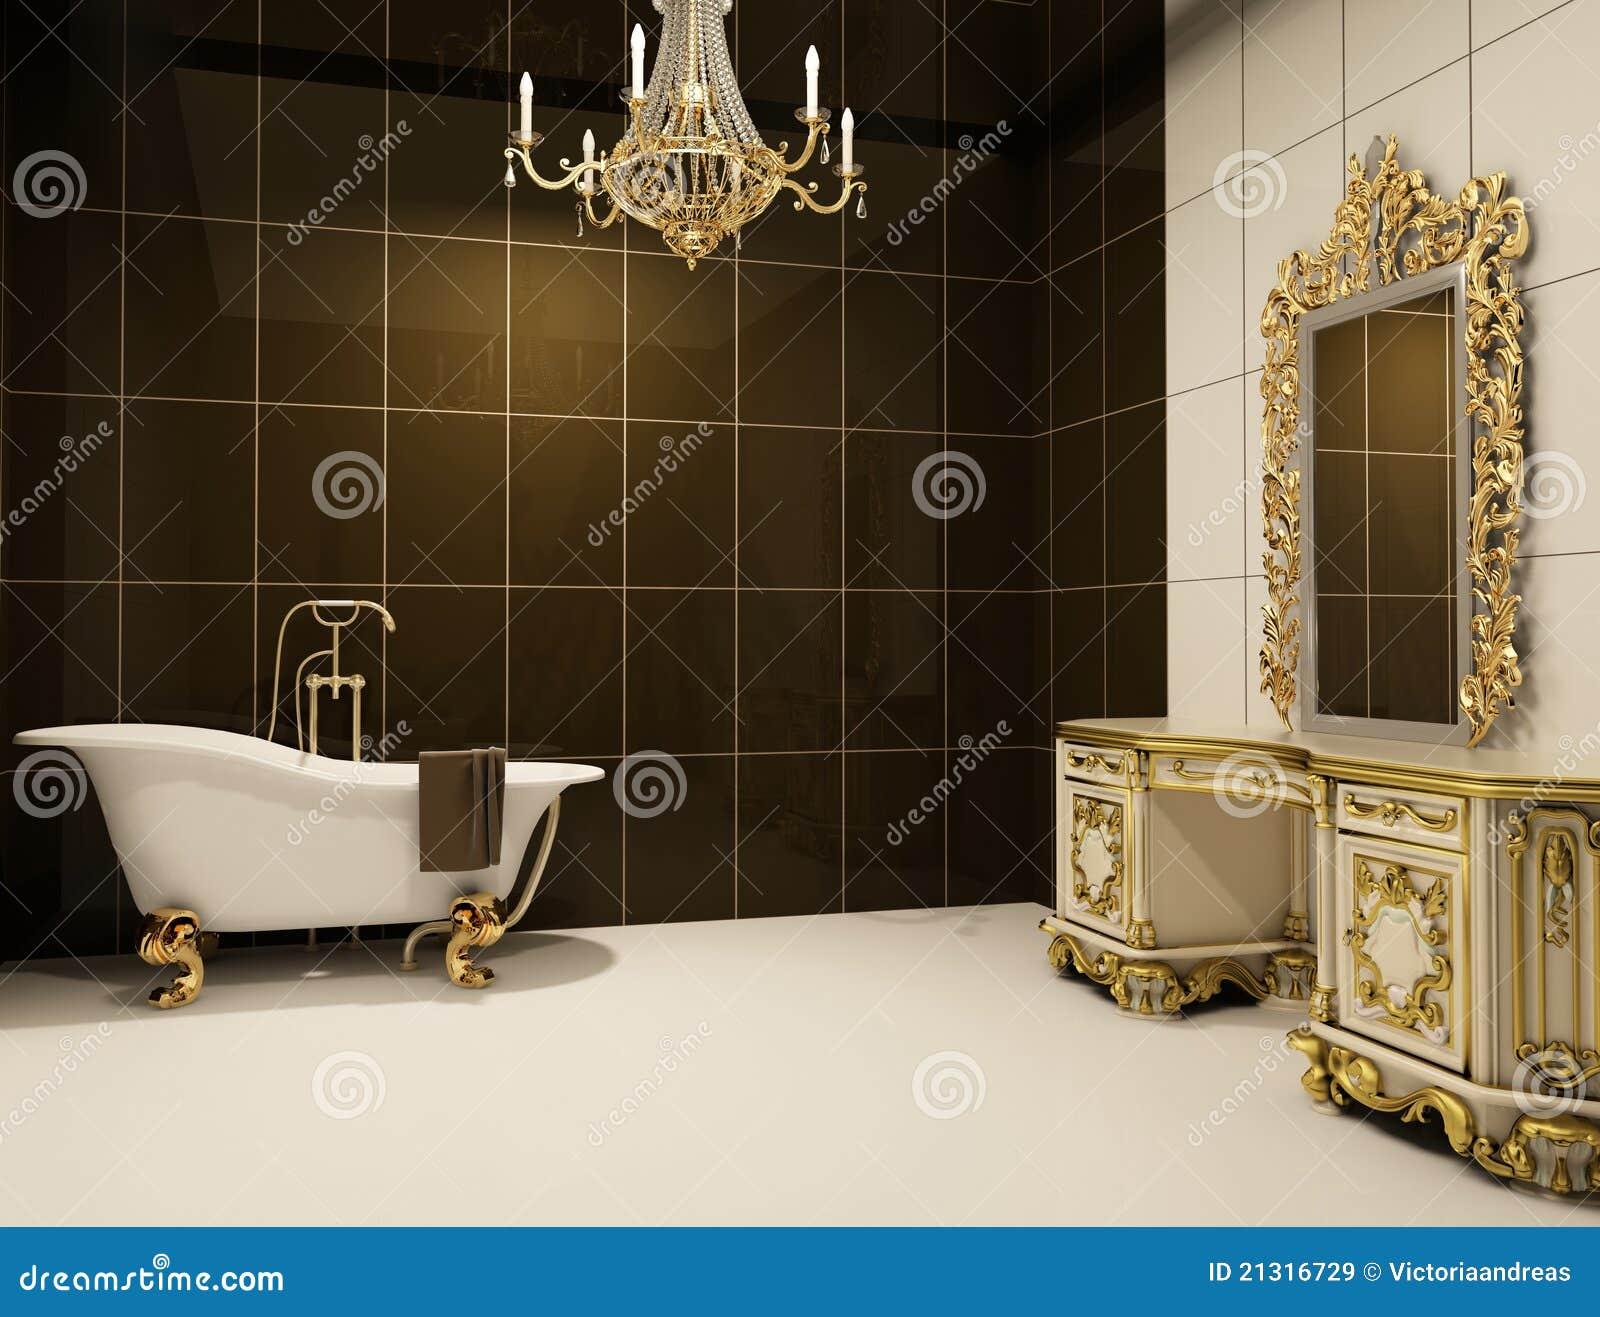 Meubles Baroques meubles baroques dans la salle de bains illustration stock